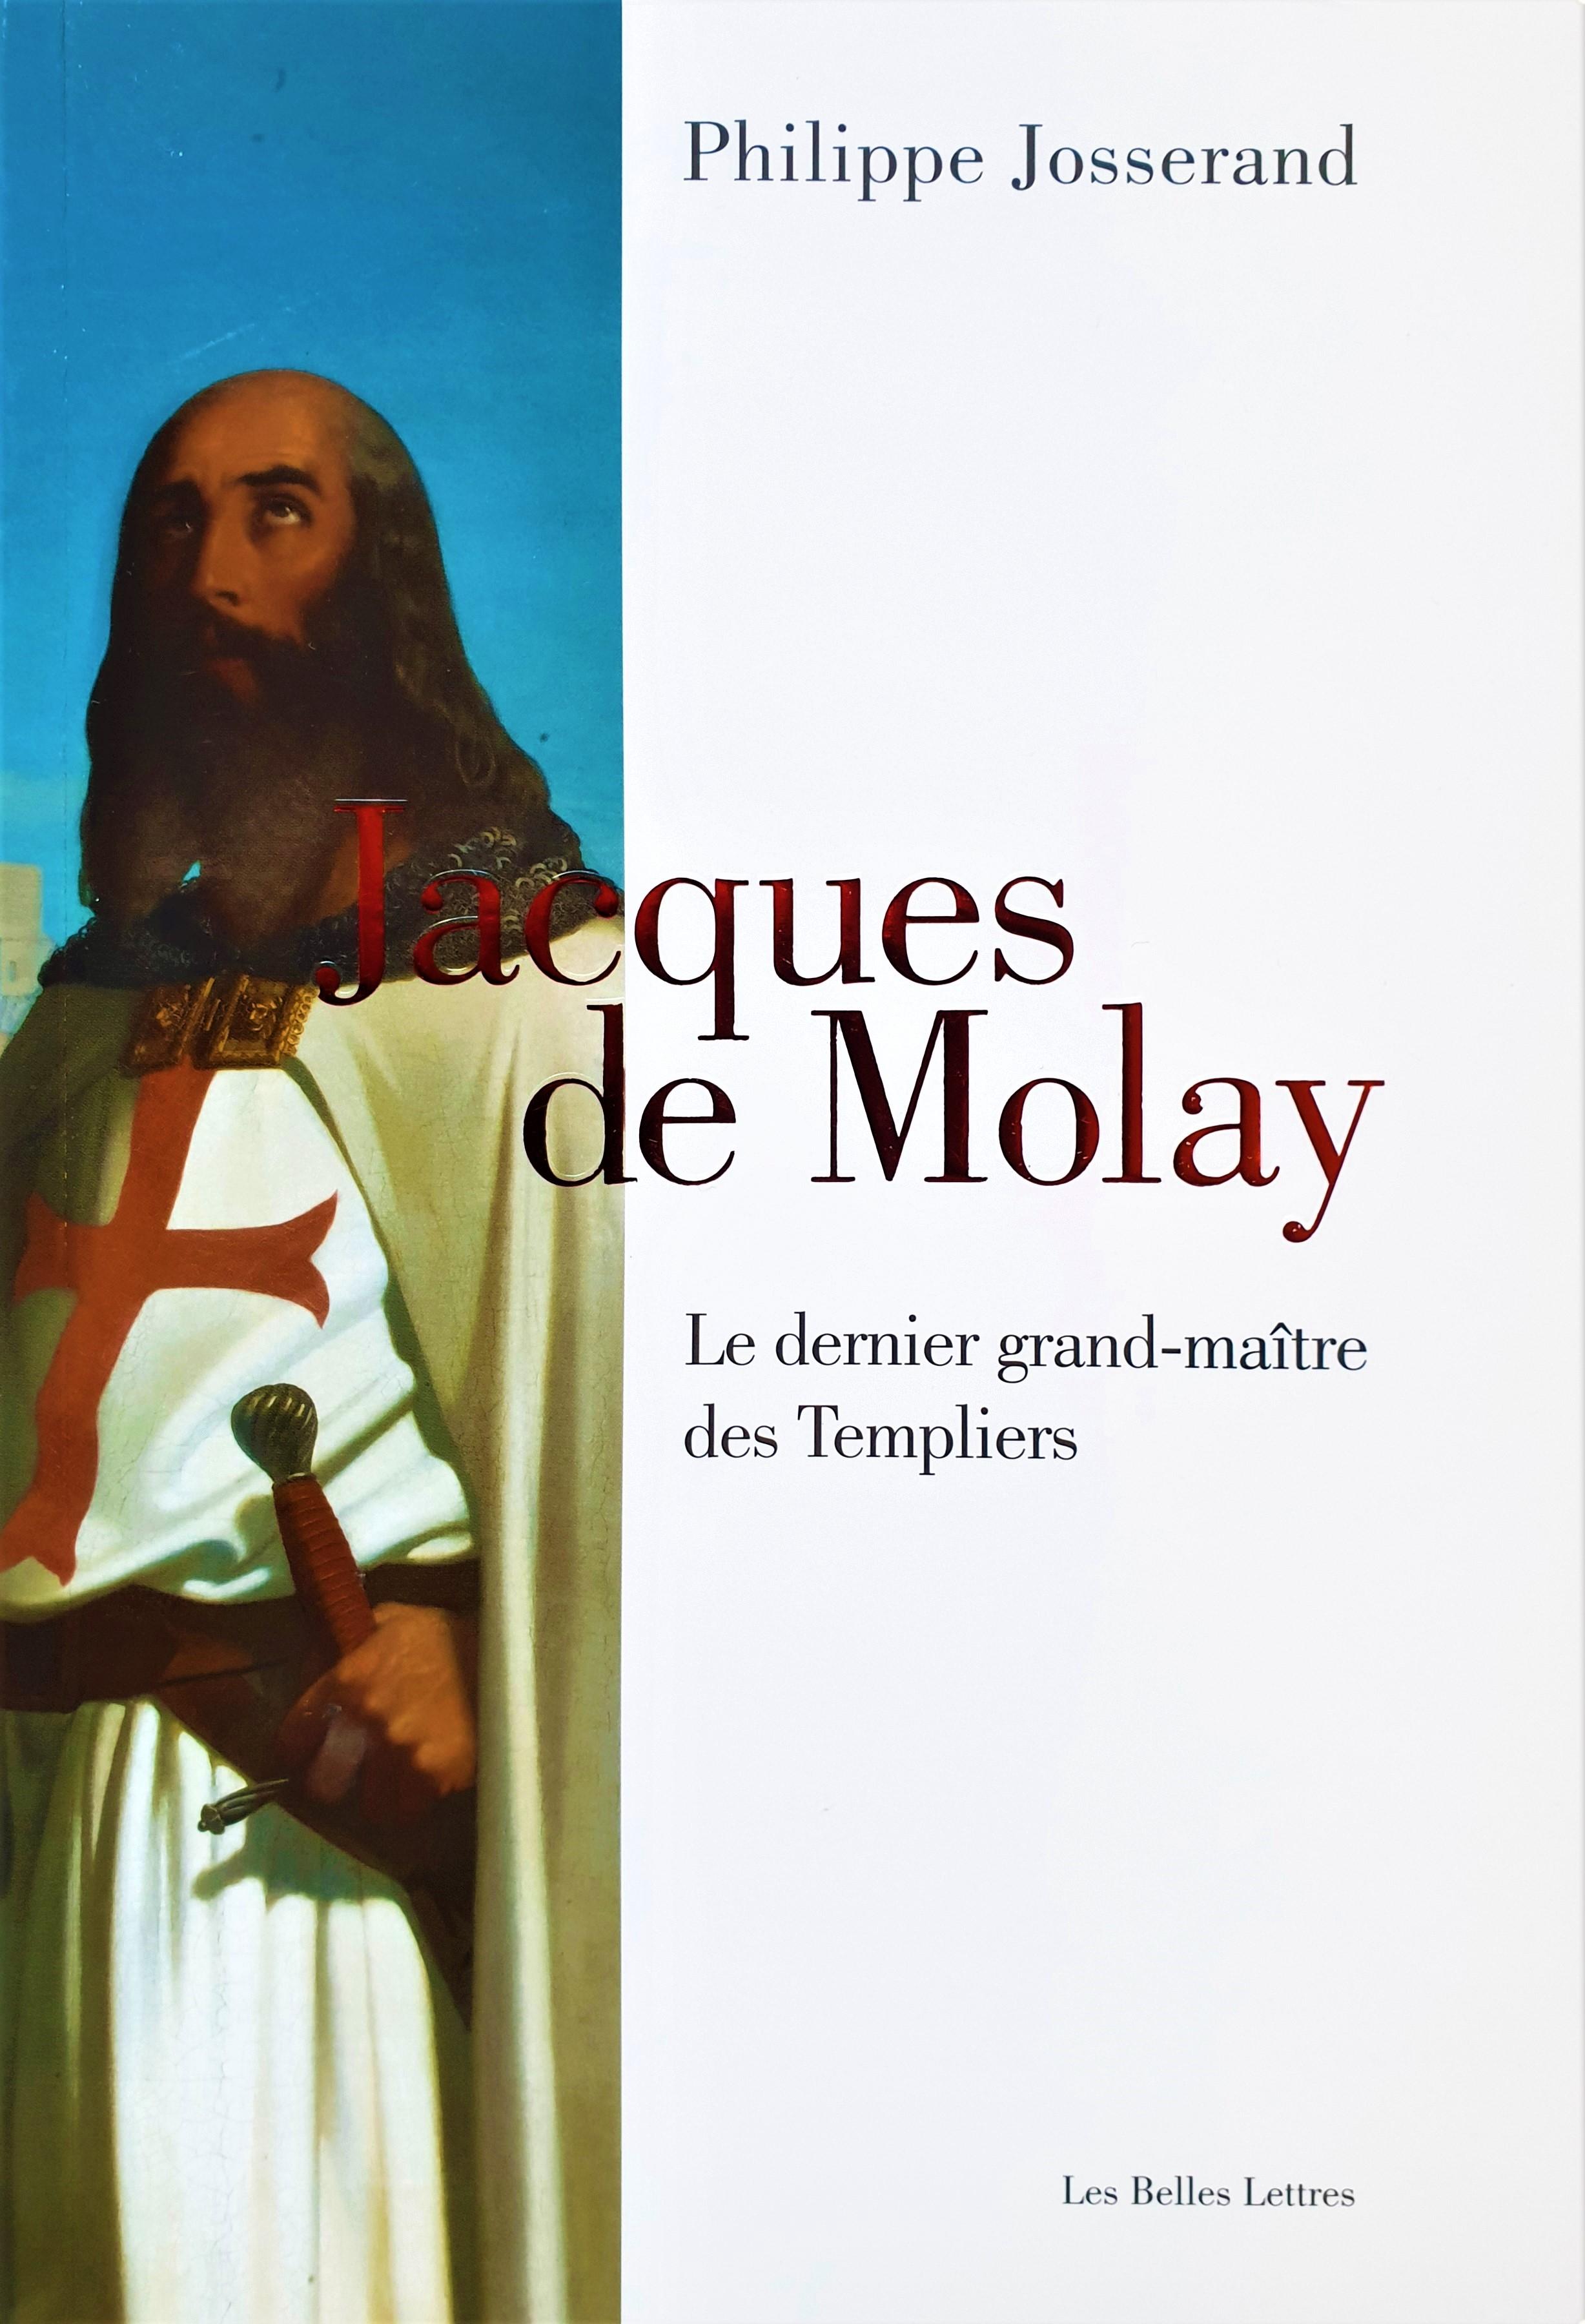 Jacques de Molay et les templiers: du Moyen Âge à la fachosphère | Philippe Josserand